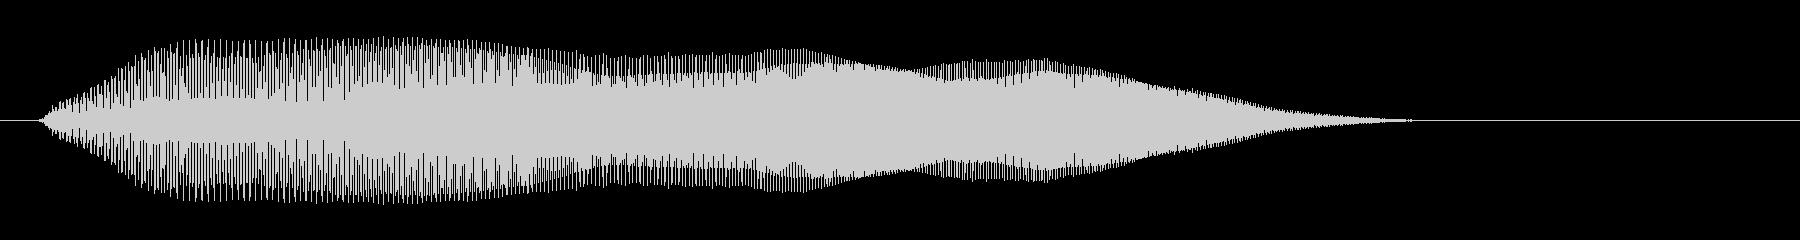 ピューー(ジャンプ音)の未再生の波形